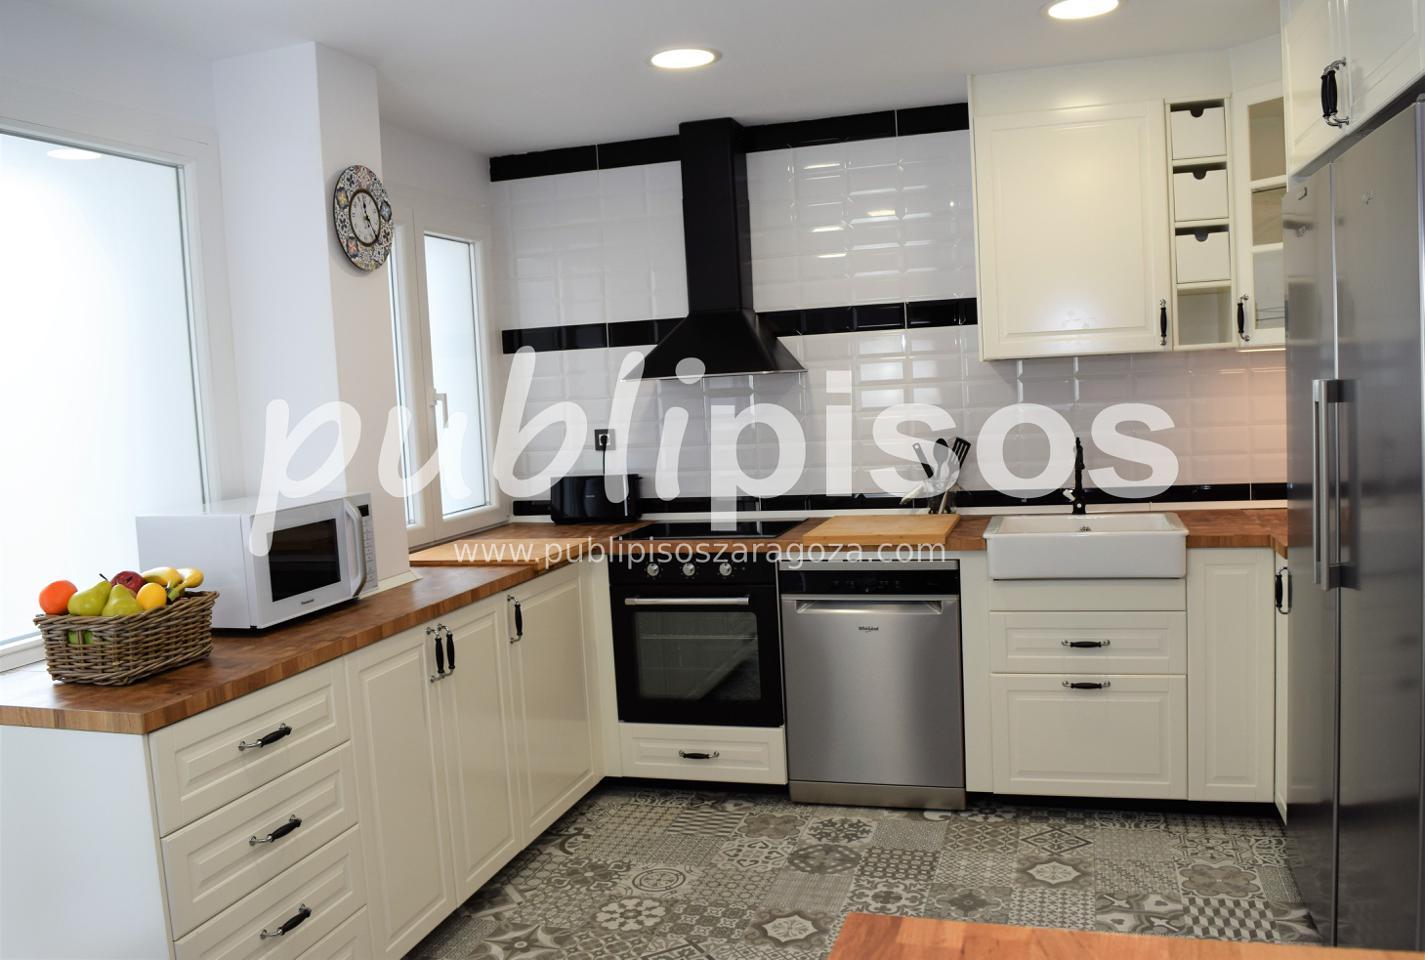 Alquiler habitaciones para estudiantes Zaragoza-2